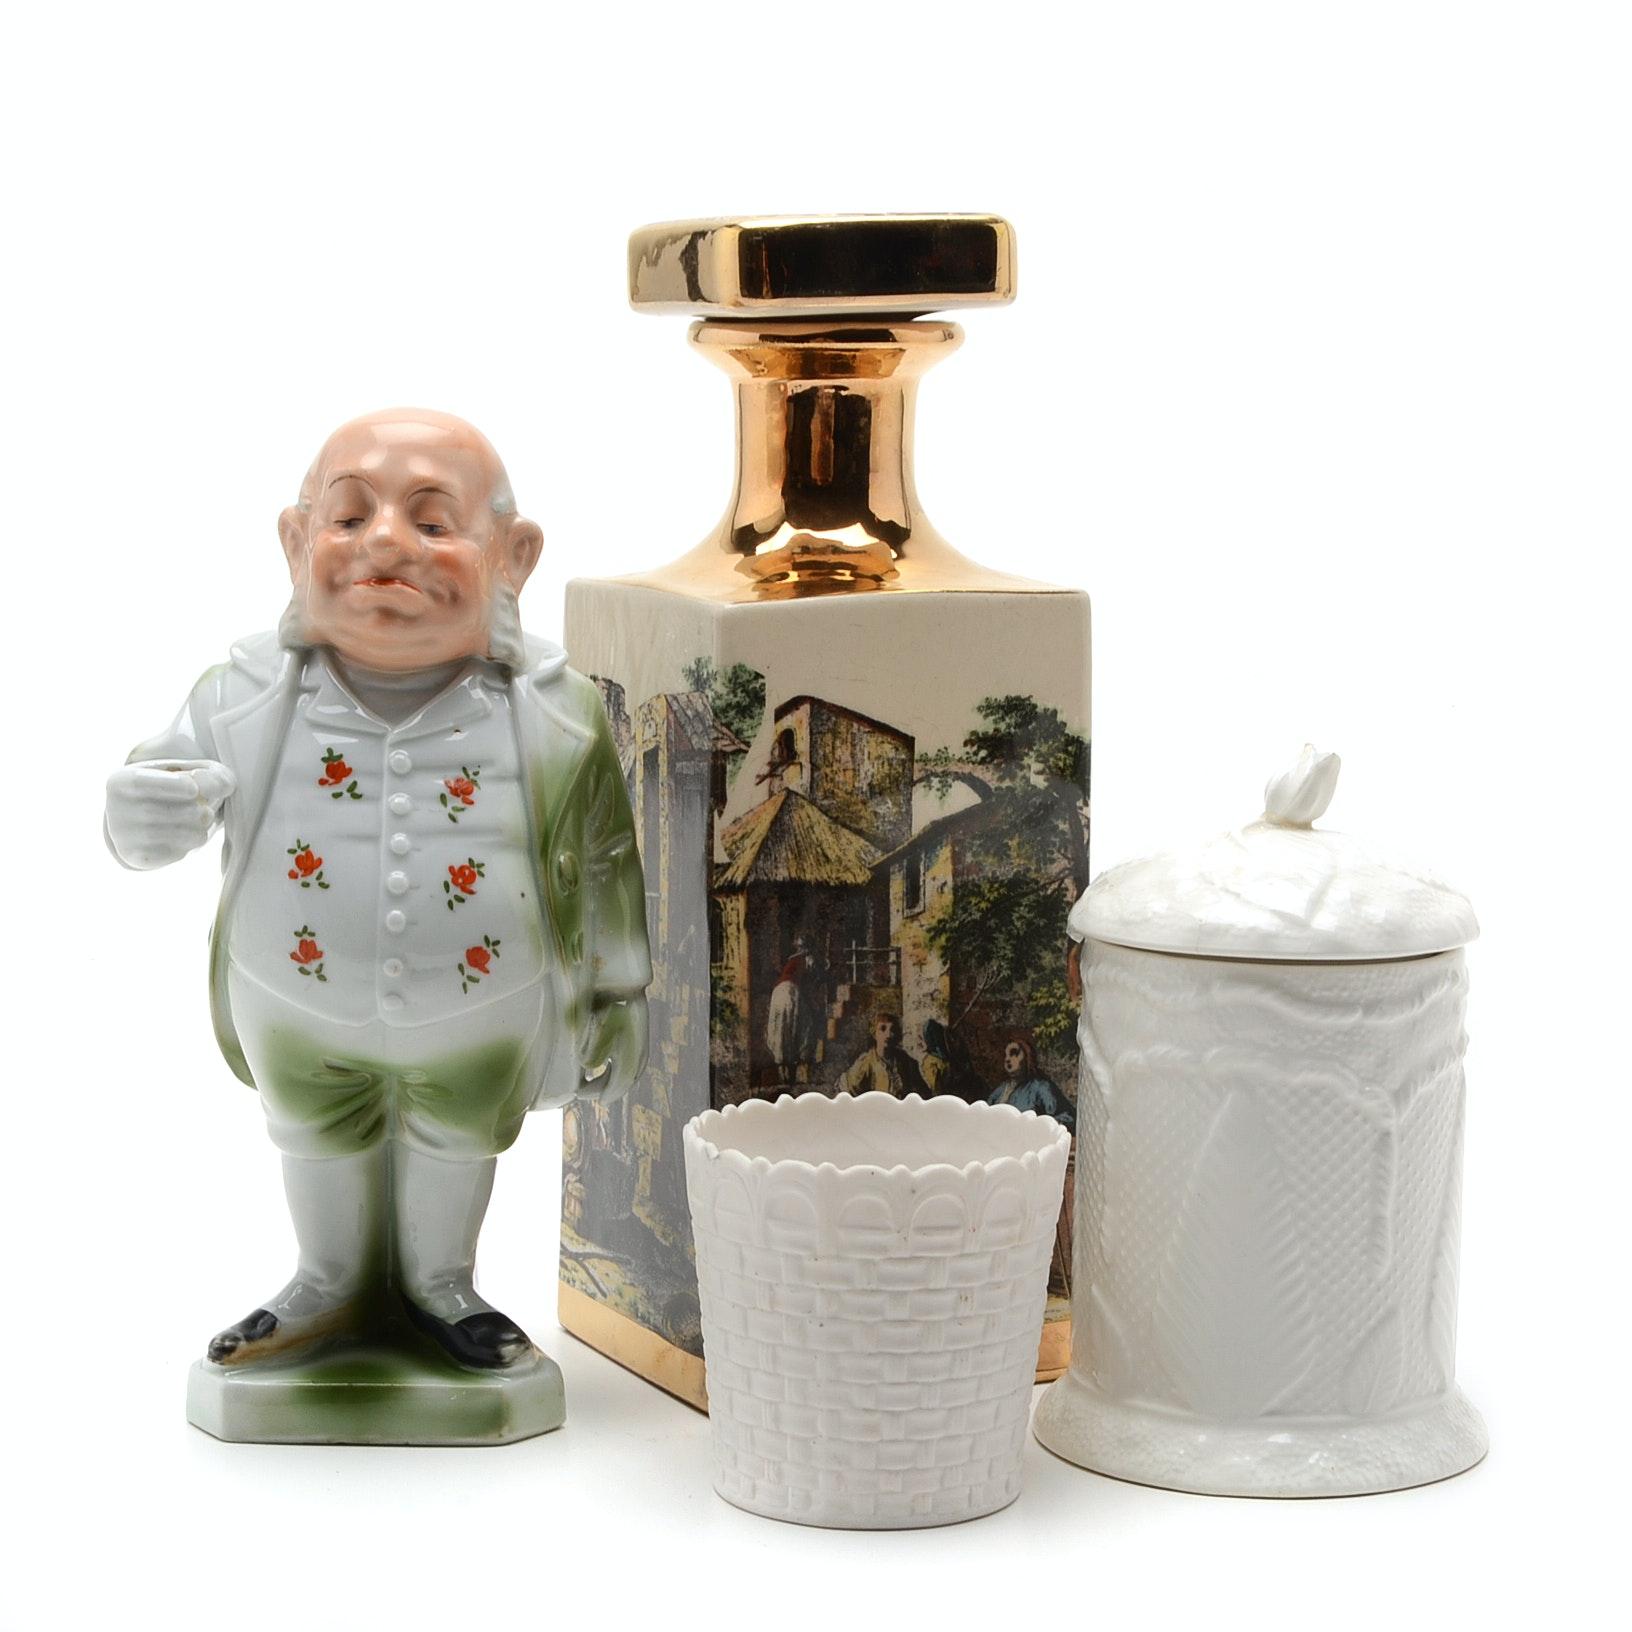 Casa Vinicola Decanter and Other decorative Porcelain Pieces